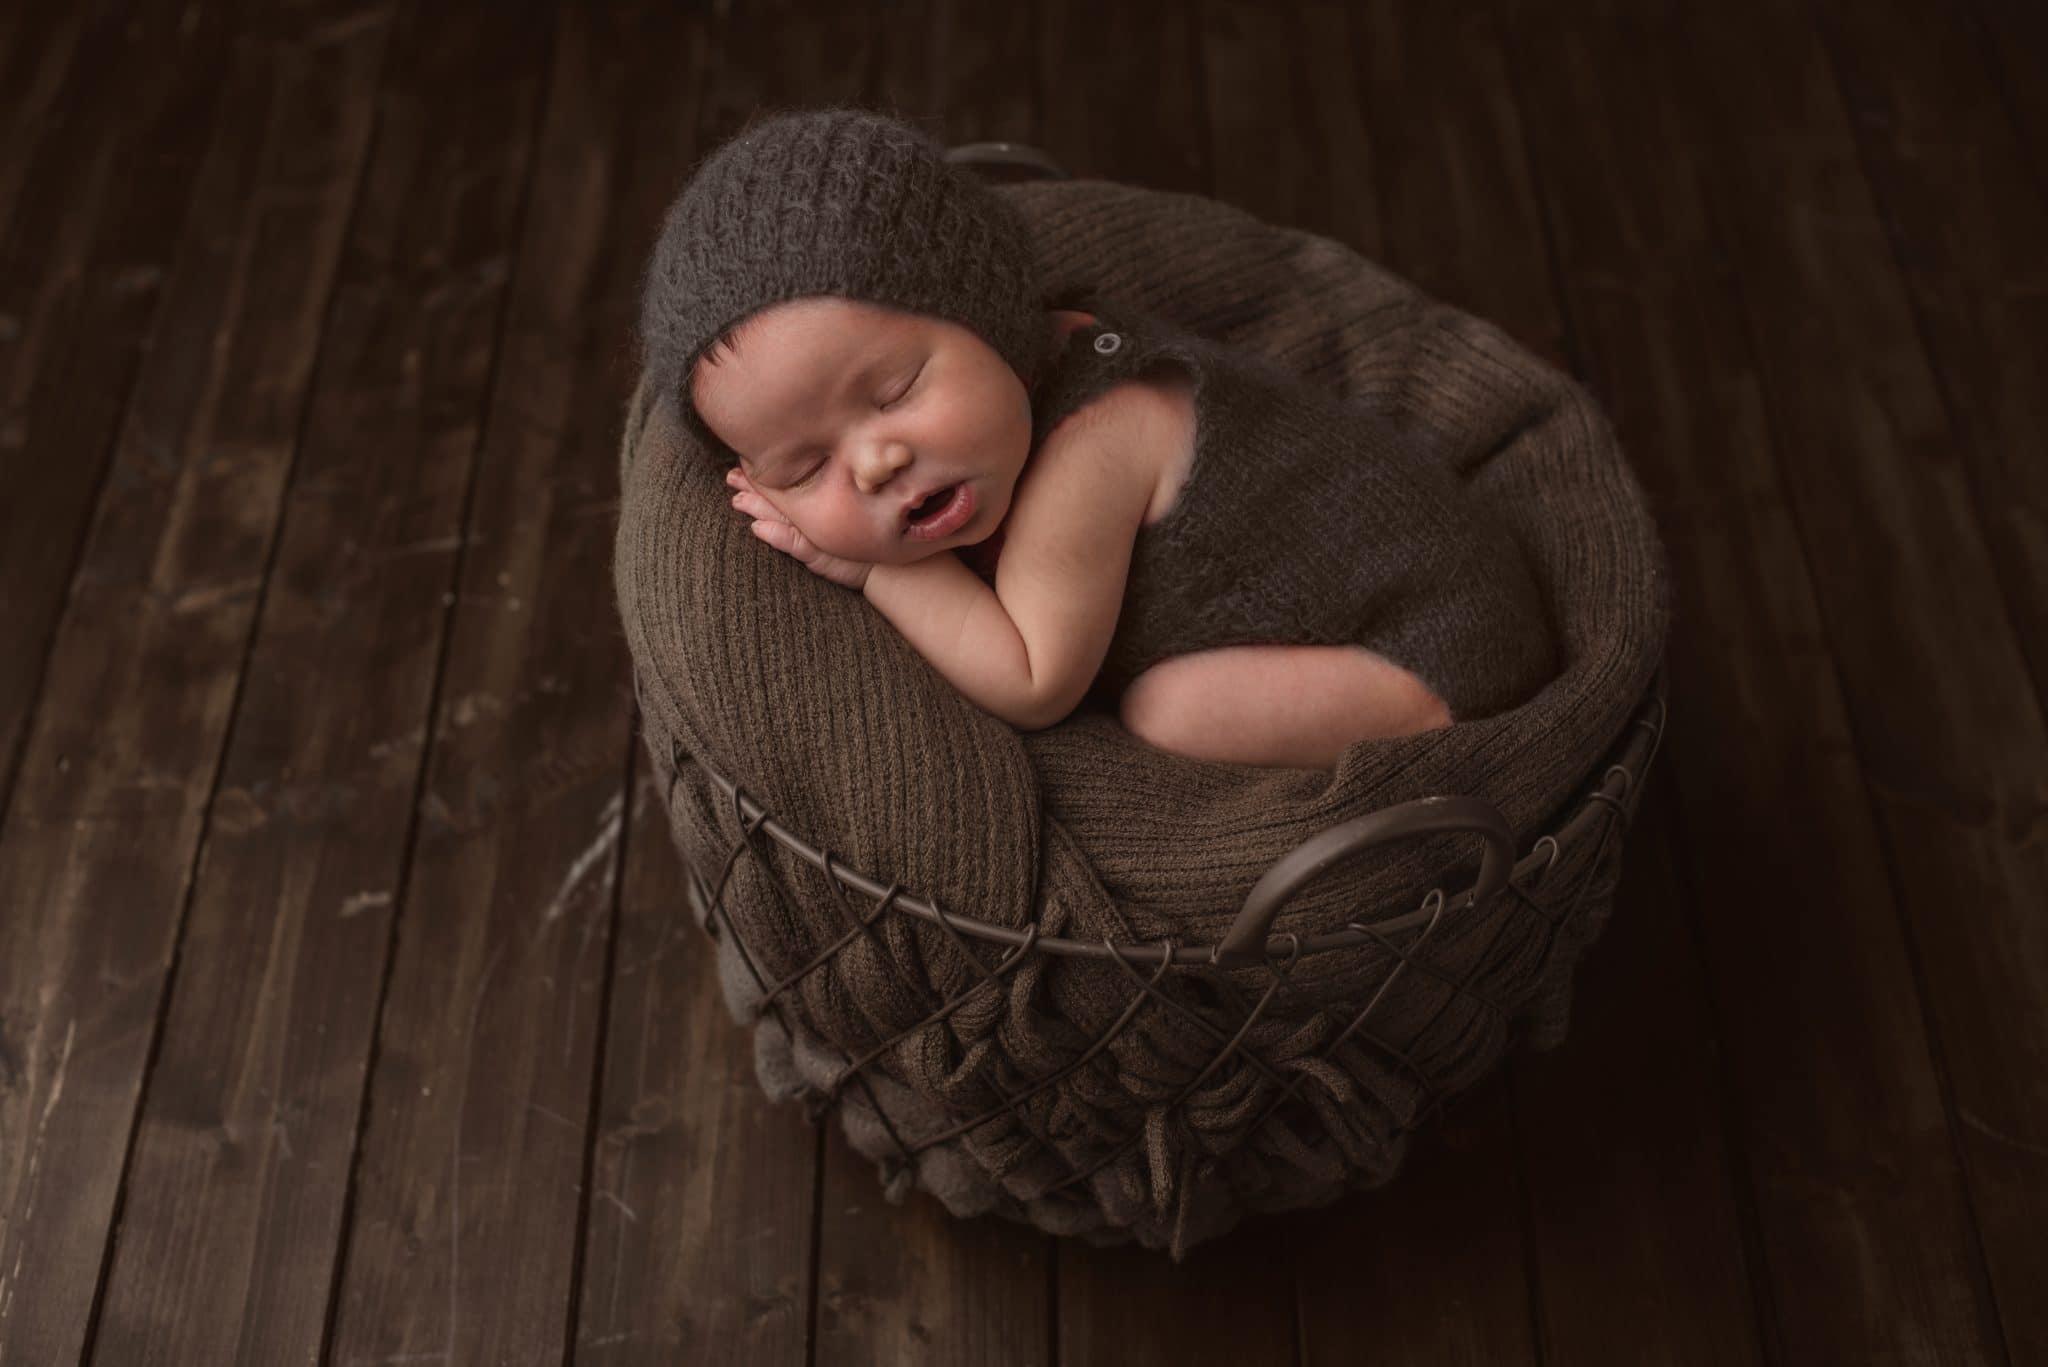 fotografo ritratti in marrone la spezia scegli il tuo colore neonata nella cesta e pavimento in legno